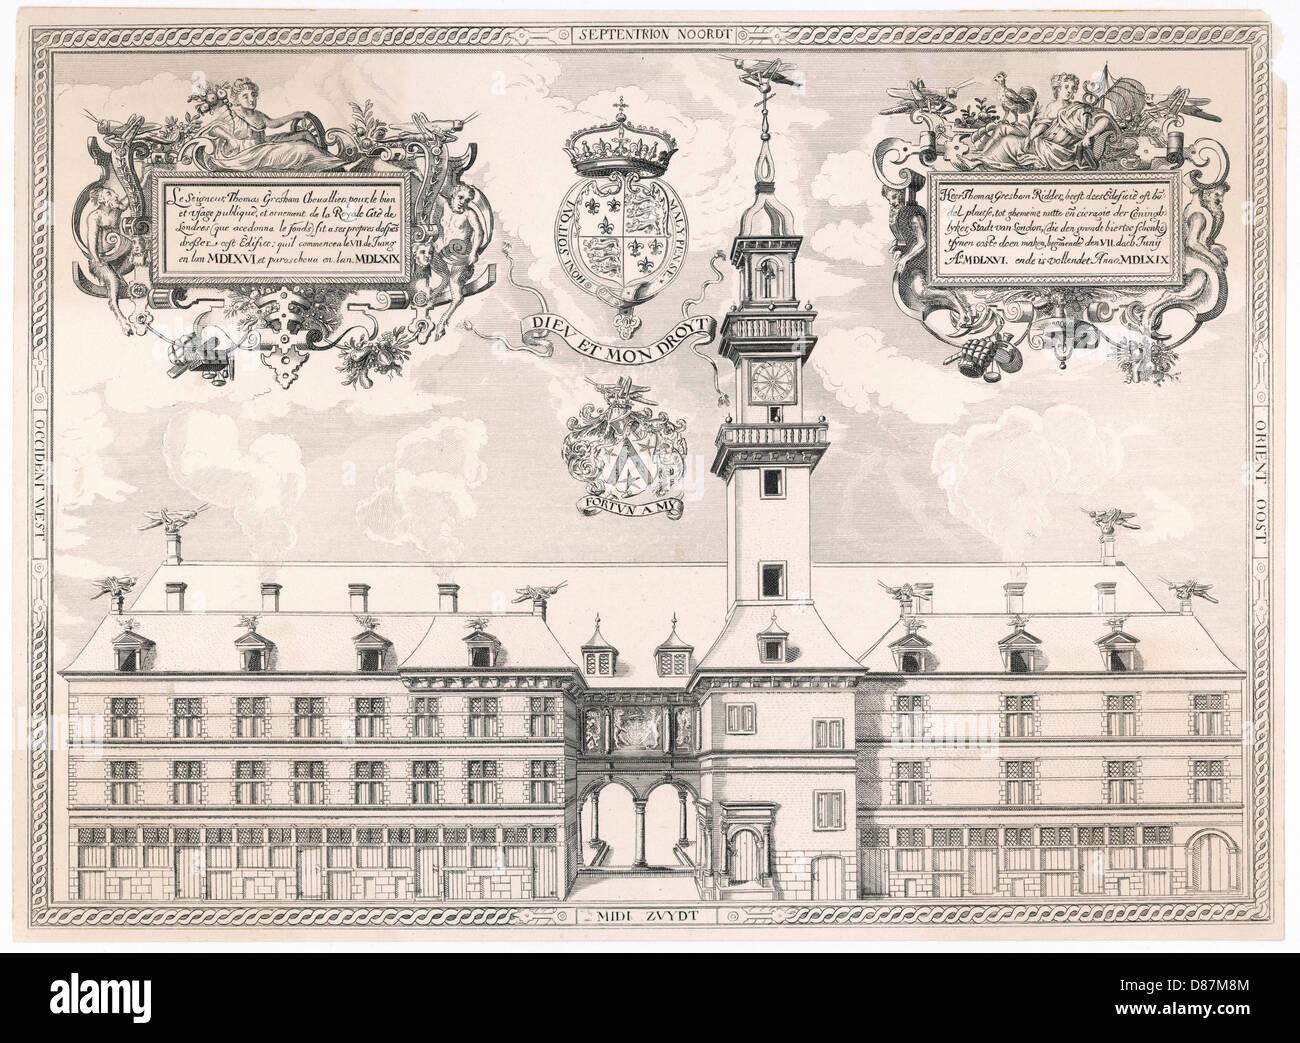 Royal Exchange Original - Stock Image